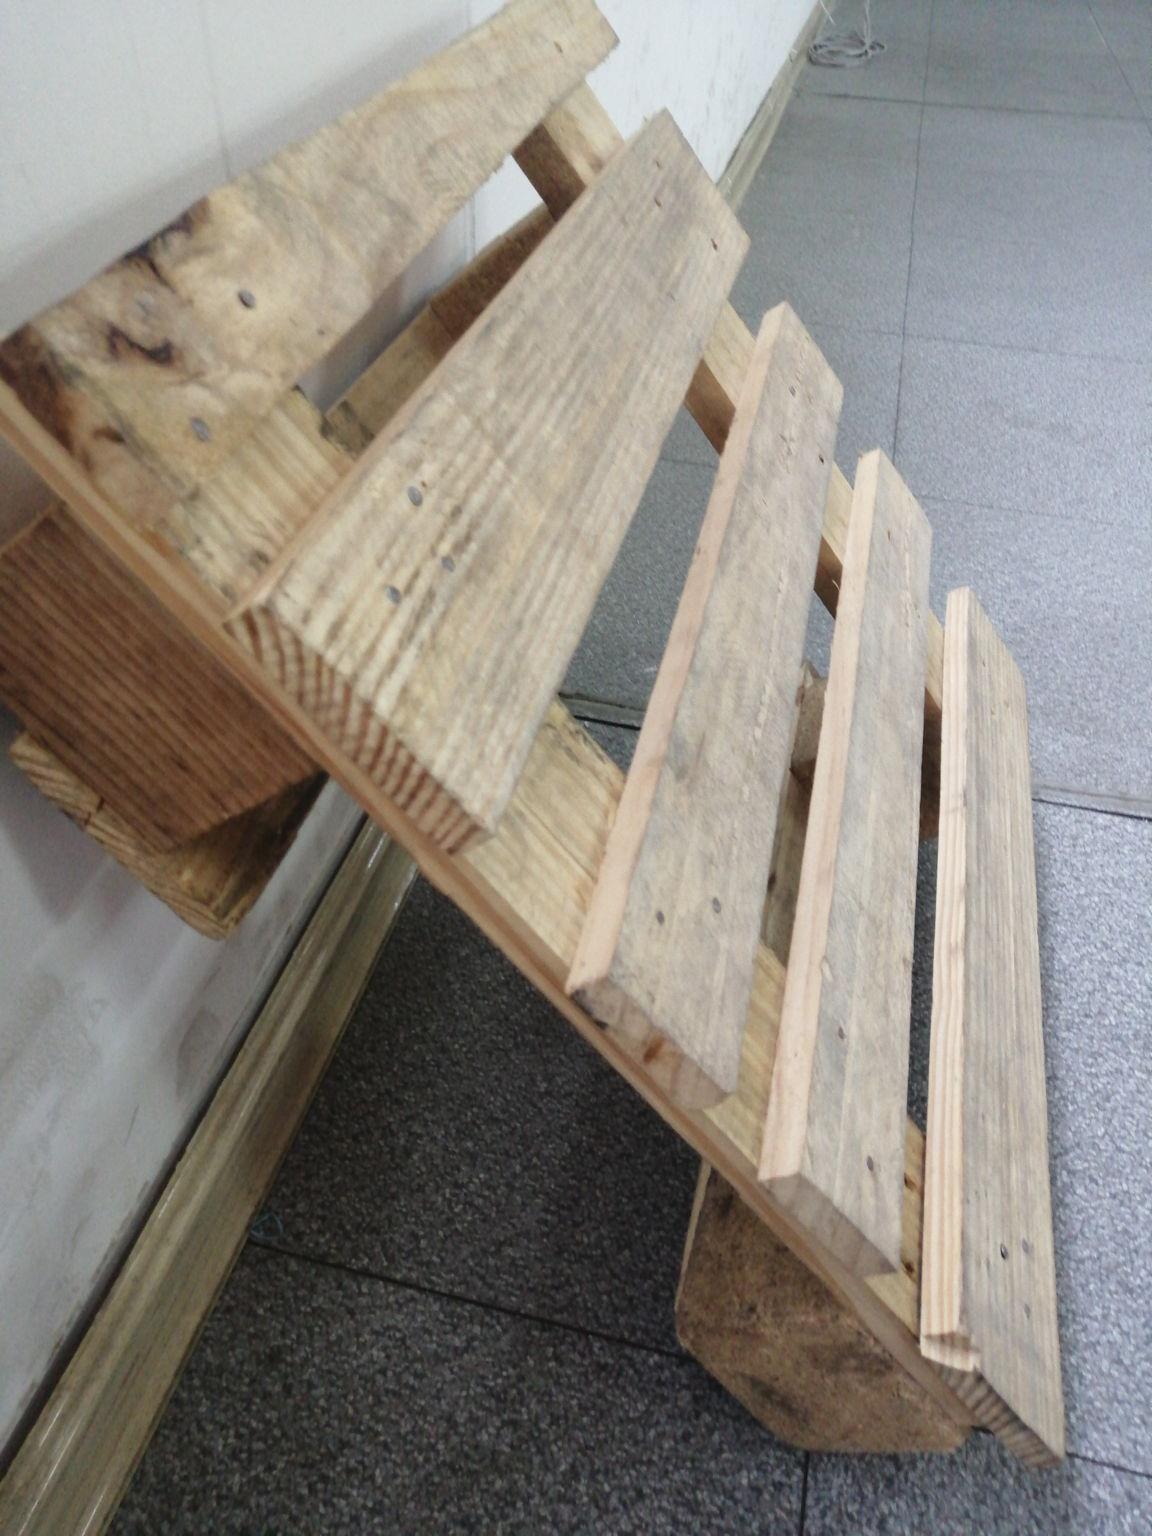 定制实木托盘-定制实木托盘批发、促销价??,⇠㊒◑☂、产地货源